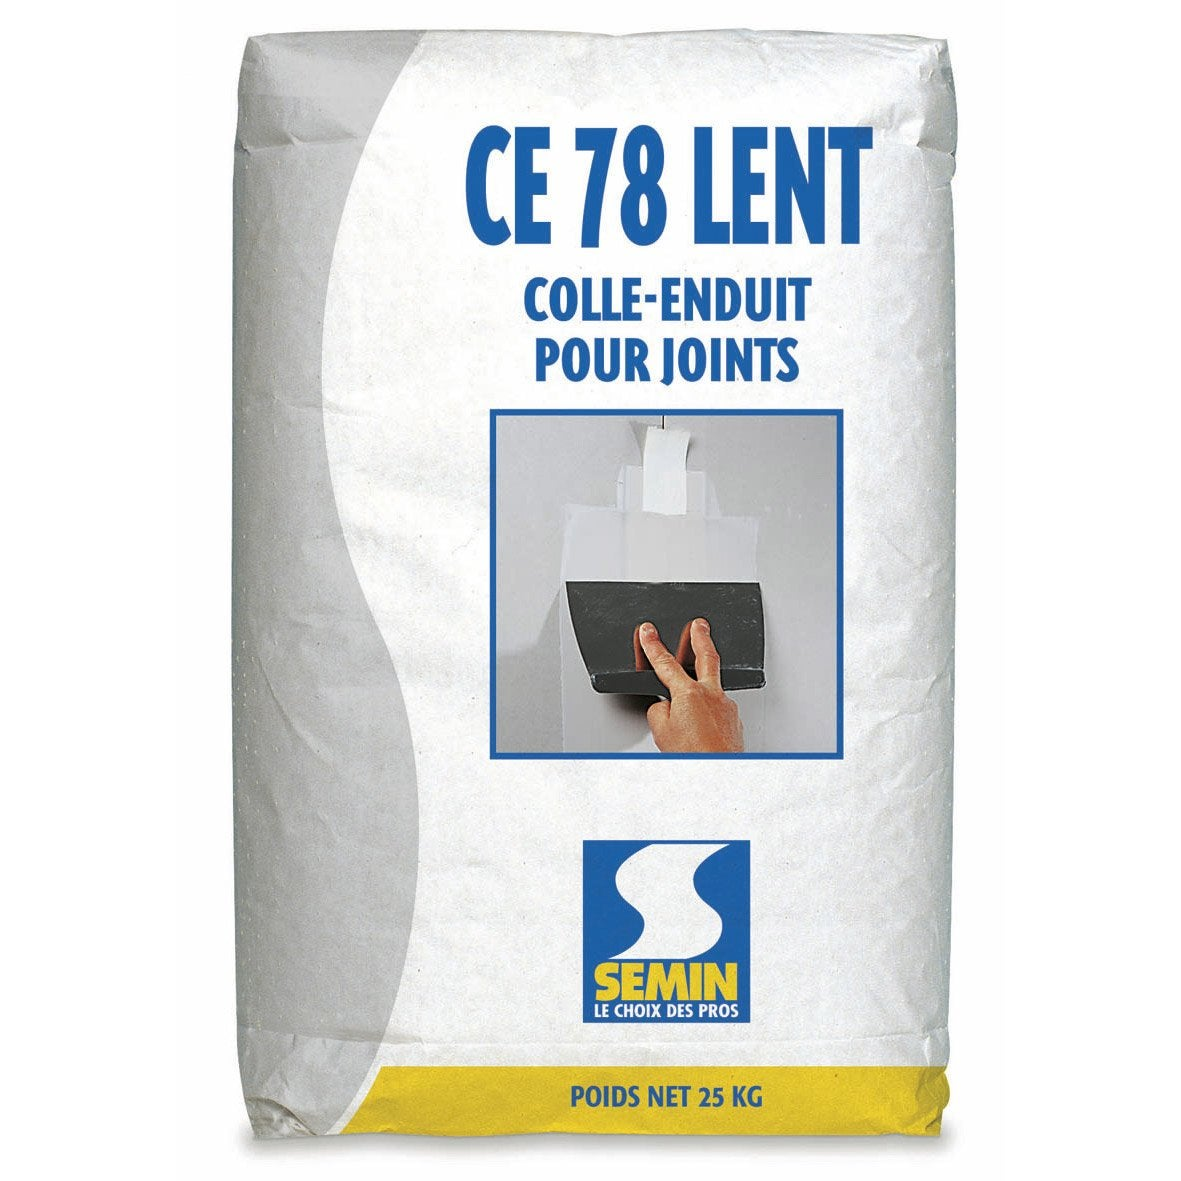 Enduit pour joint de plaque de pl tre ce 78 lent semin 25 for Enduit pour joint plaque de platre